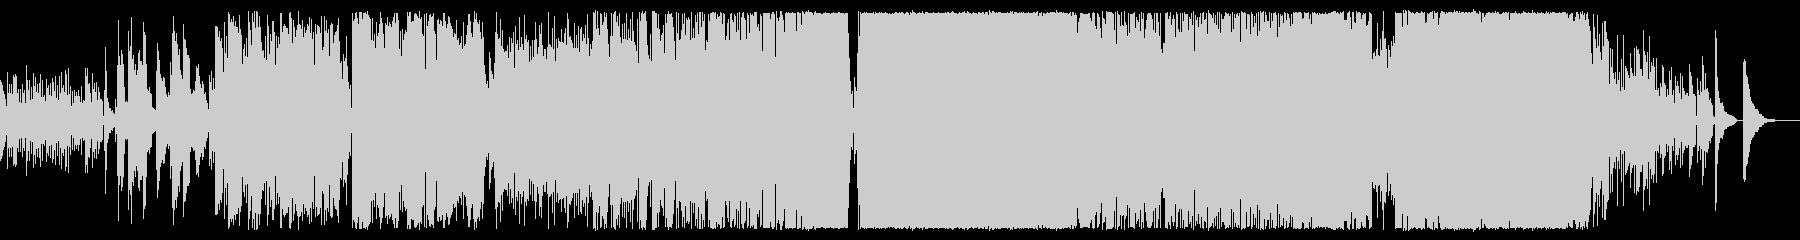 アコギの旋律が印象的なロックバラードの未再生の波形